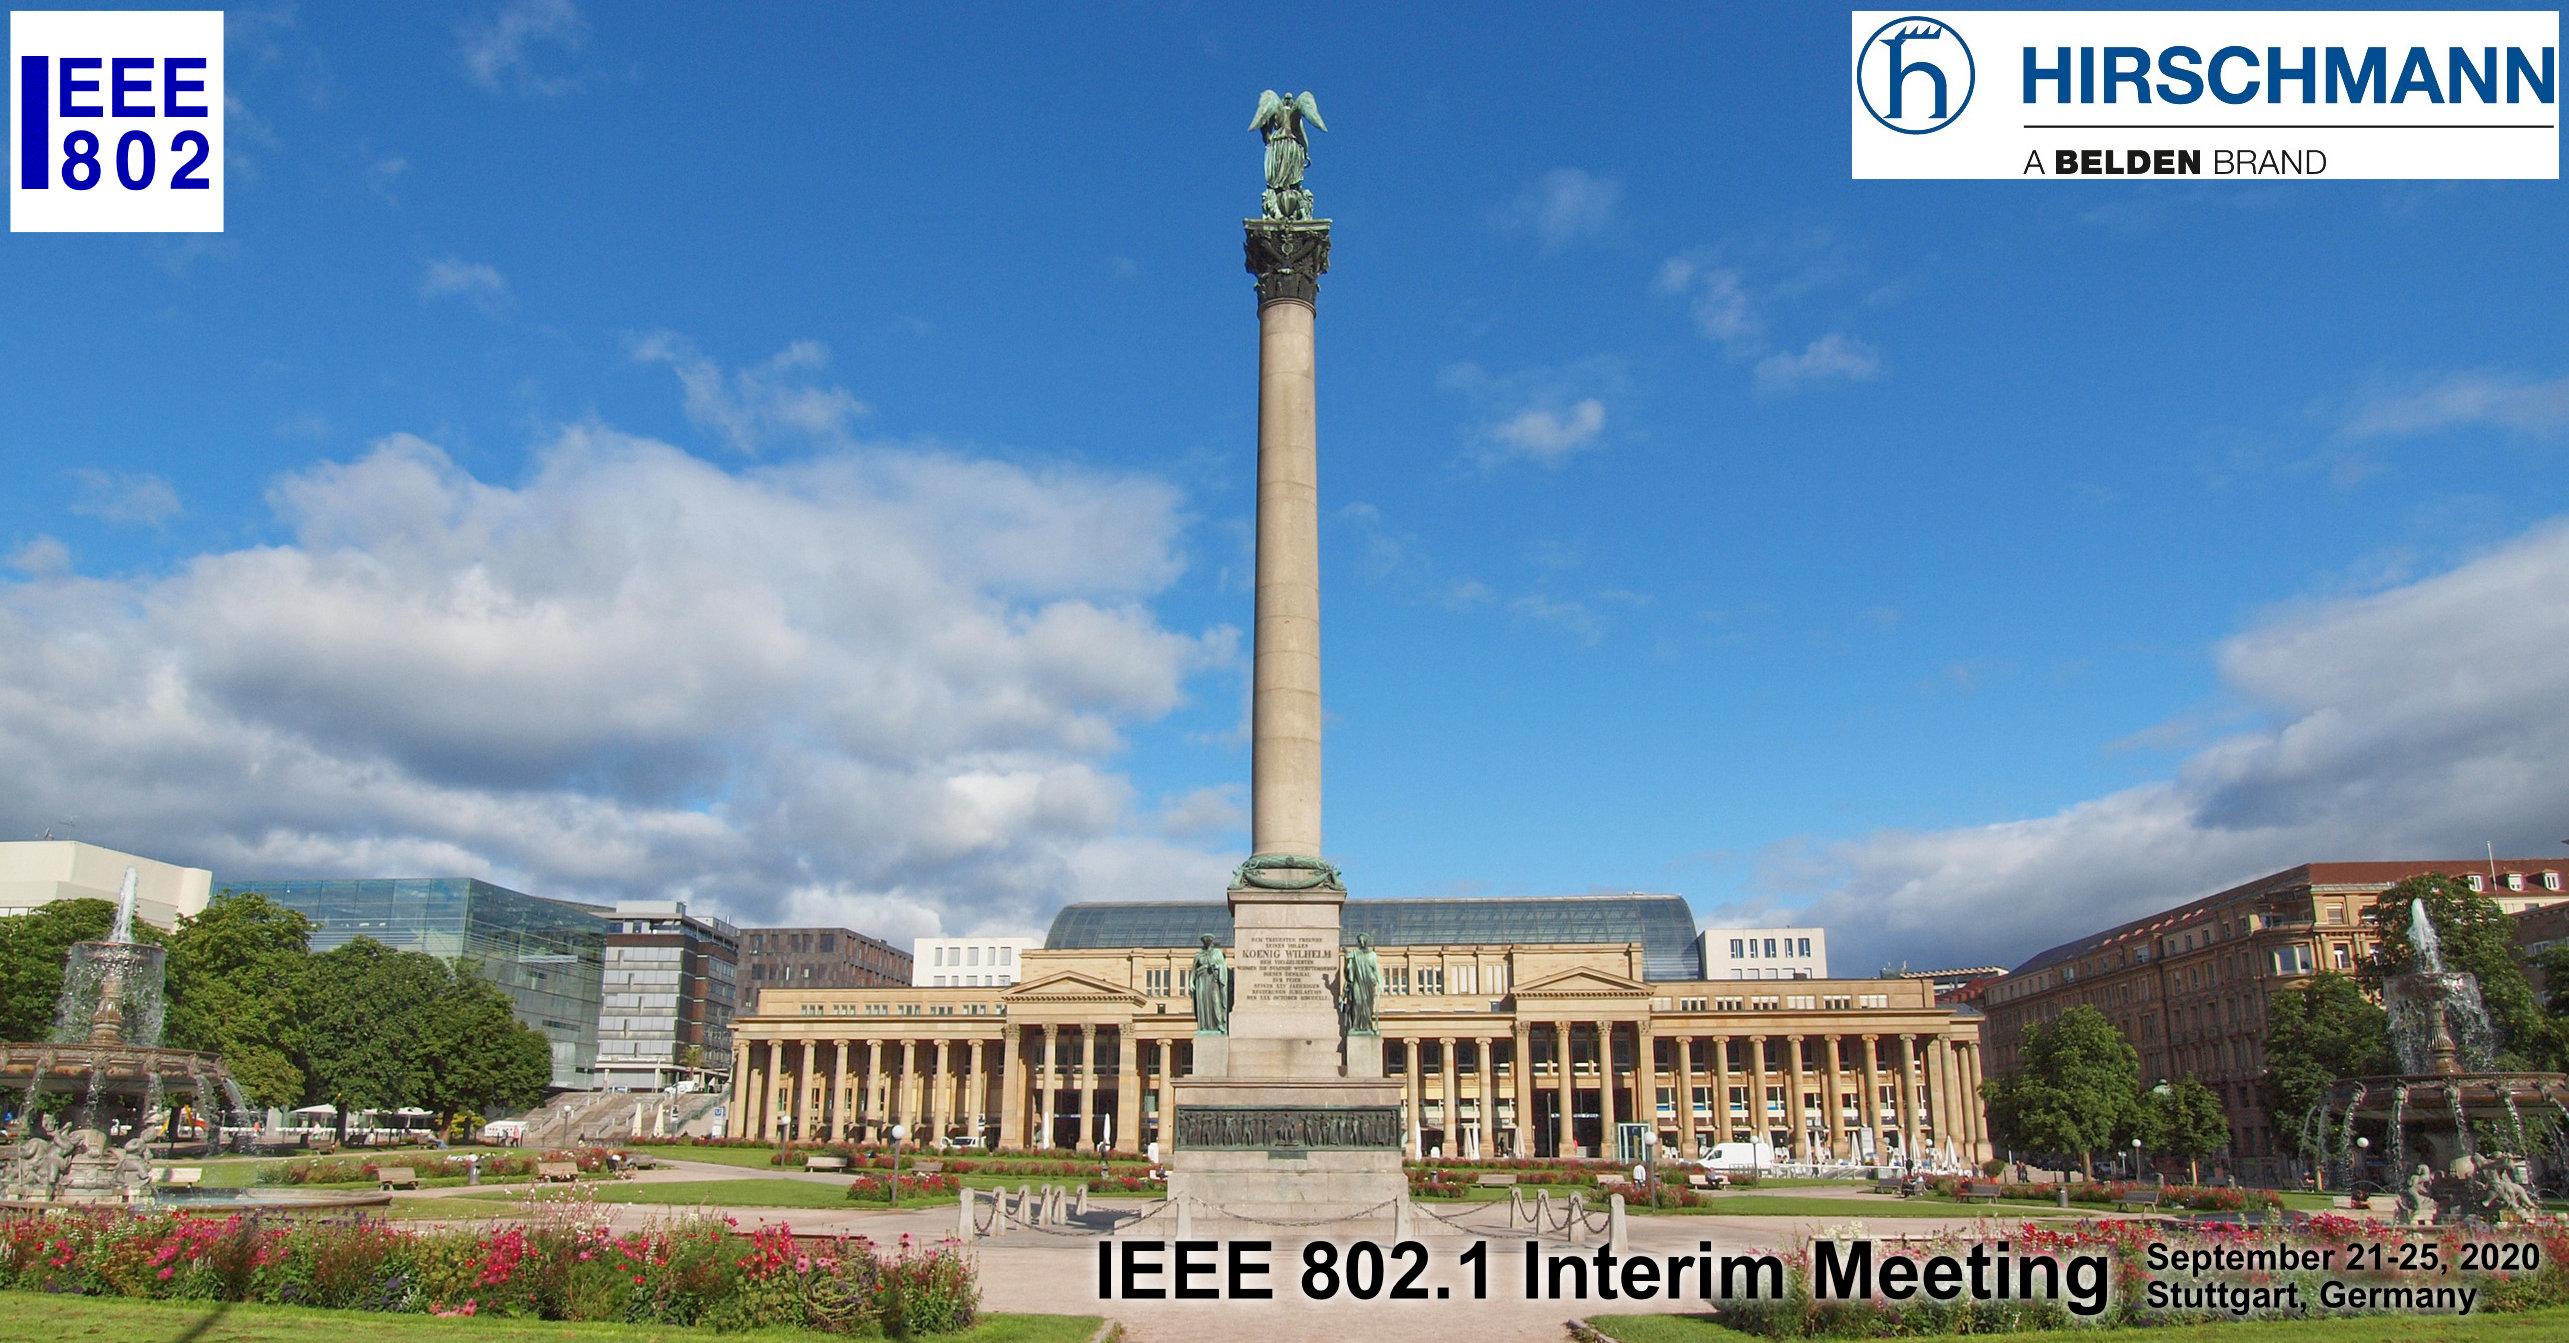 IEEE 802.1 Interim Meeting